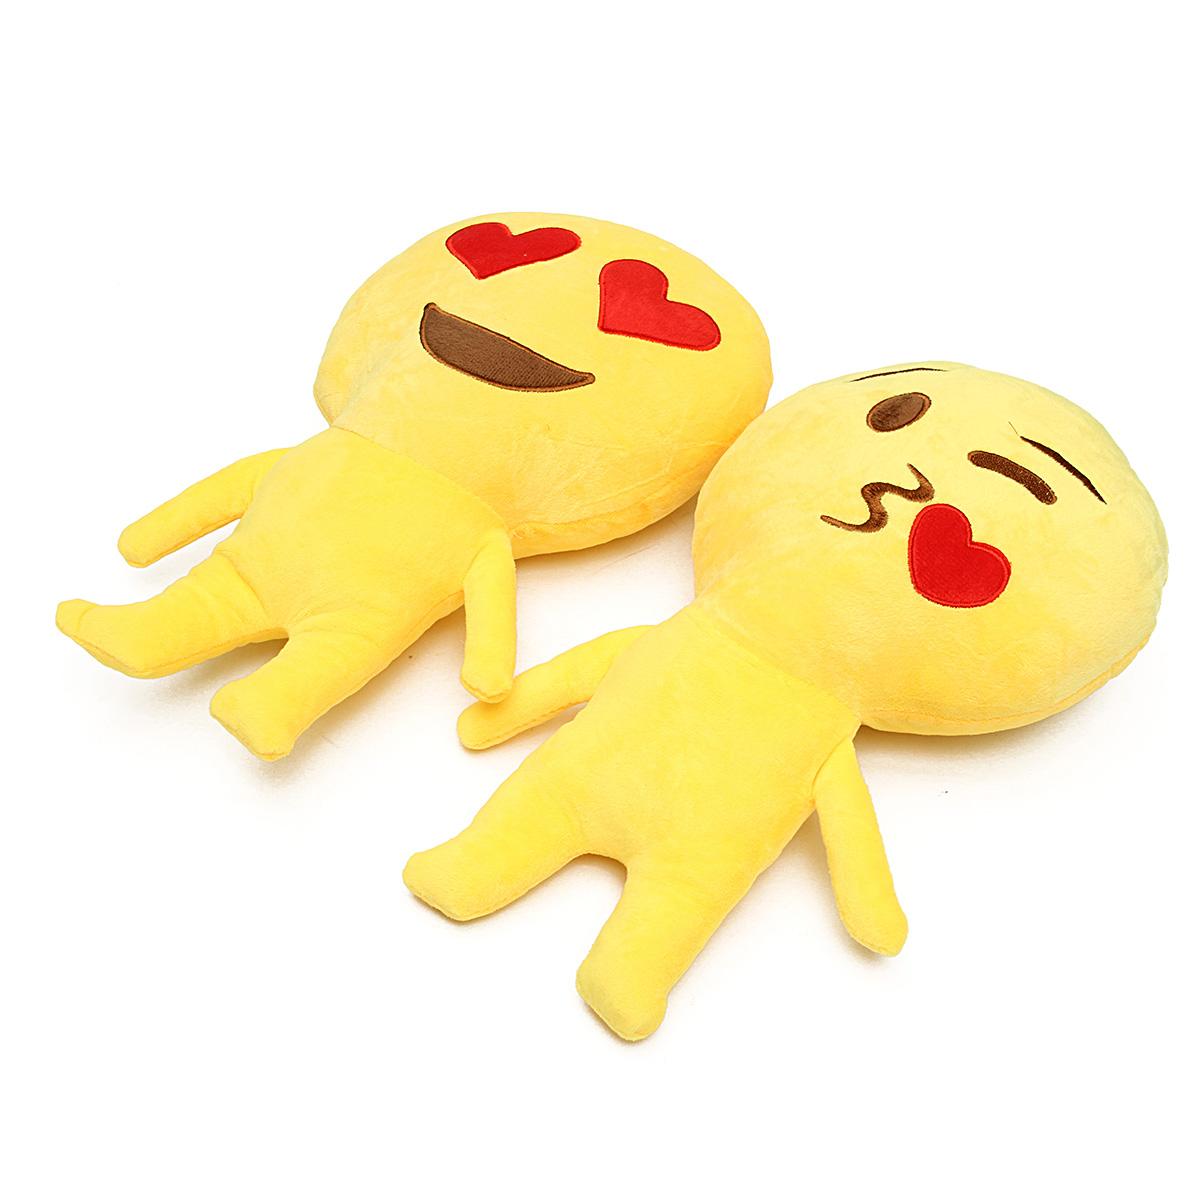 Details About Cute Emoji Poo Throw Pillows Cushion Stuffed Plush Doll Toys Home Sofa Decor